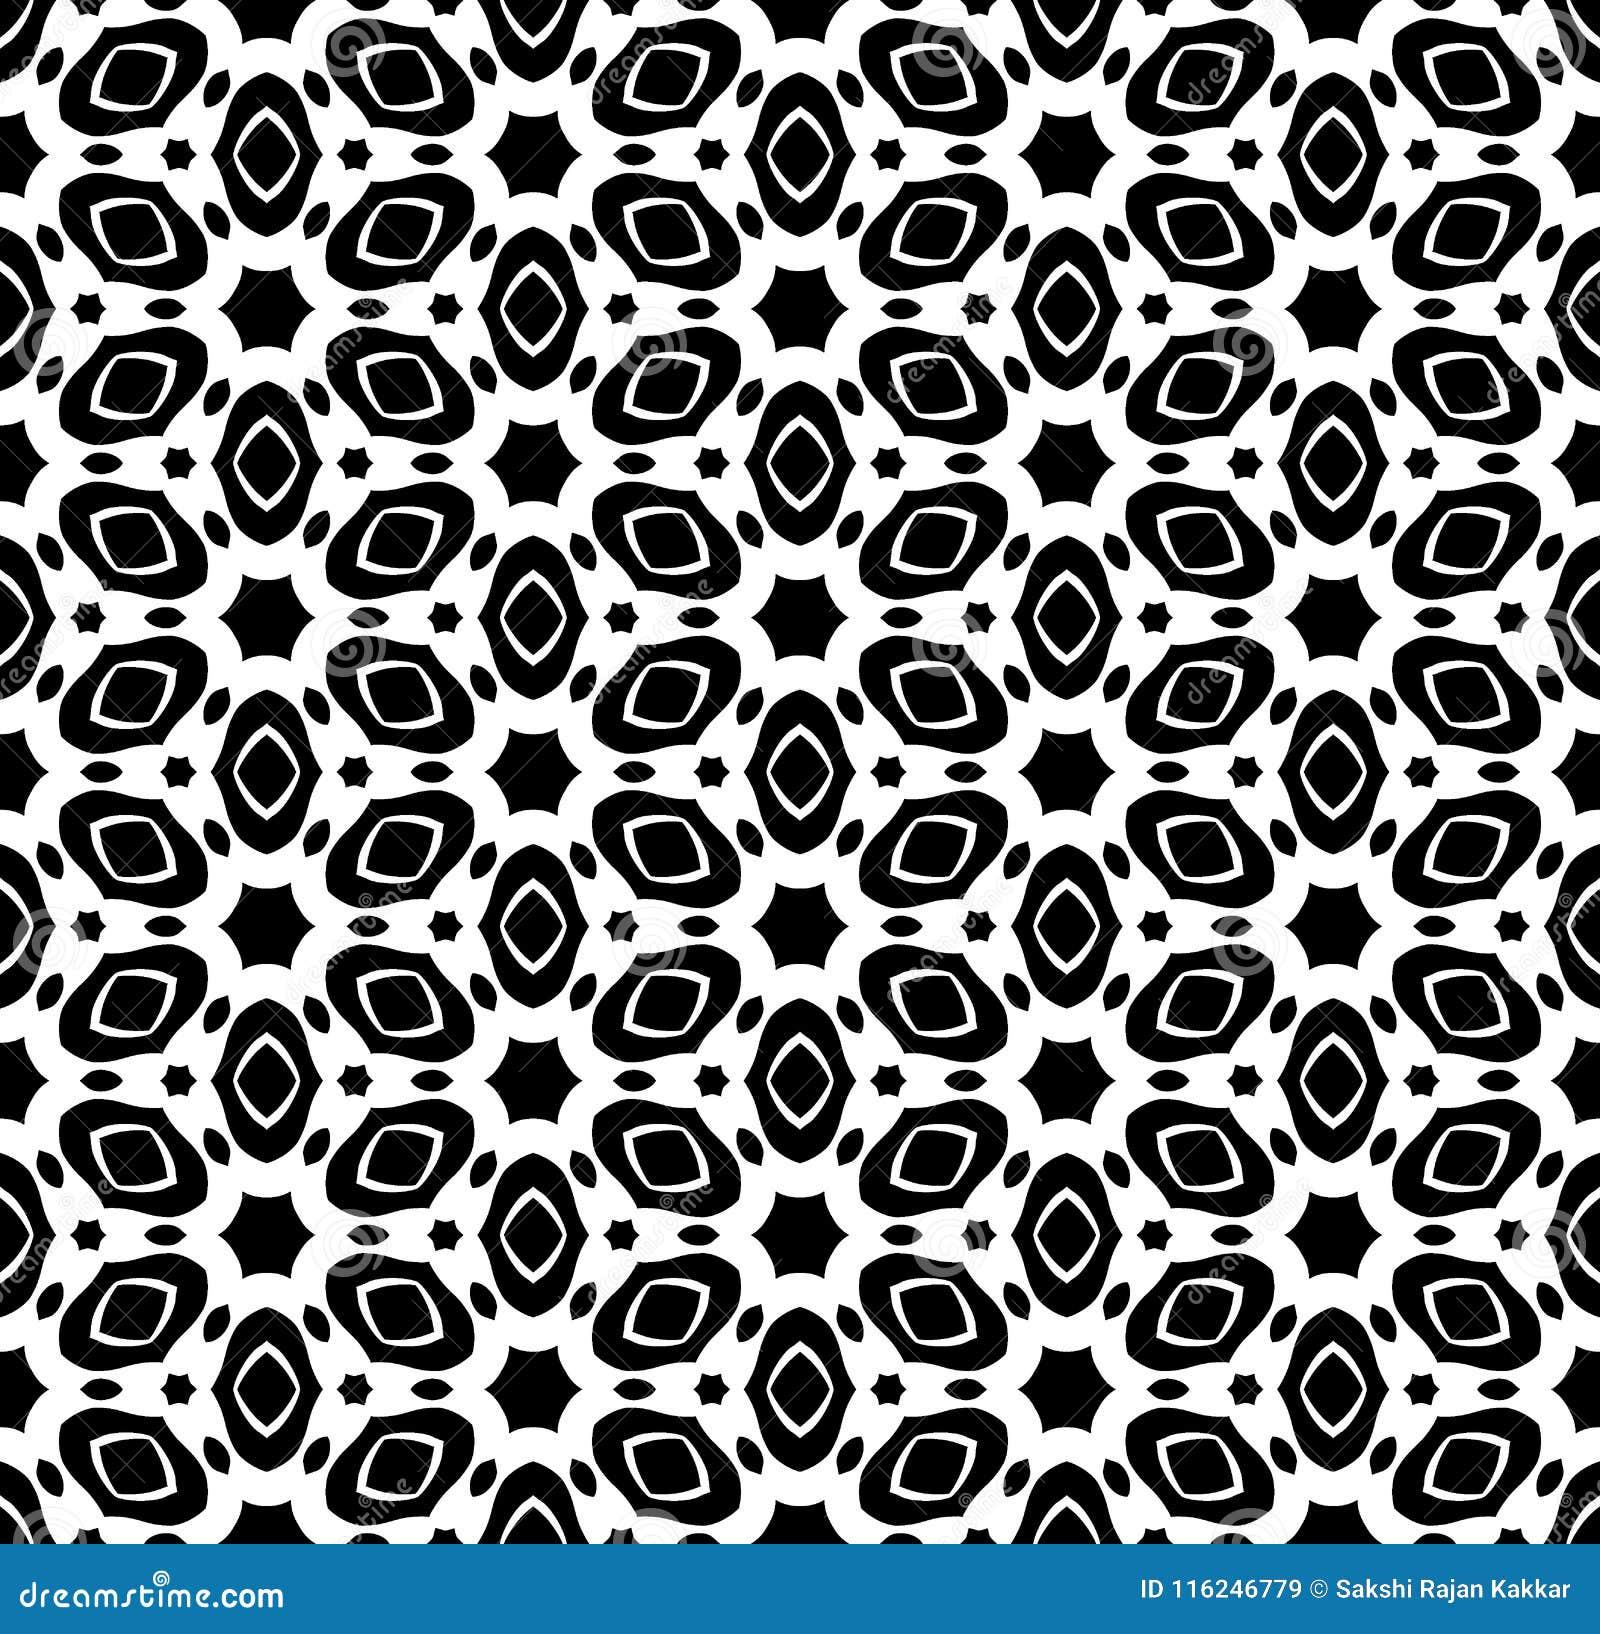 Черно-белый вектор картины повторения и безшовное фоновое изображение